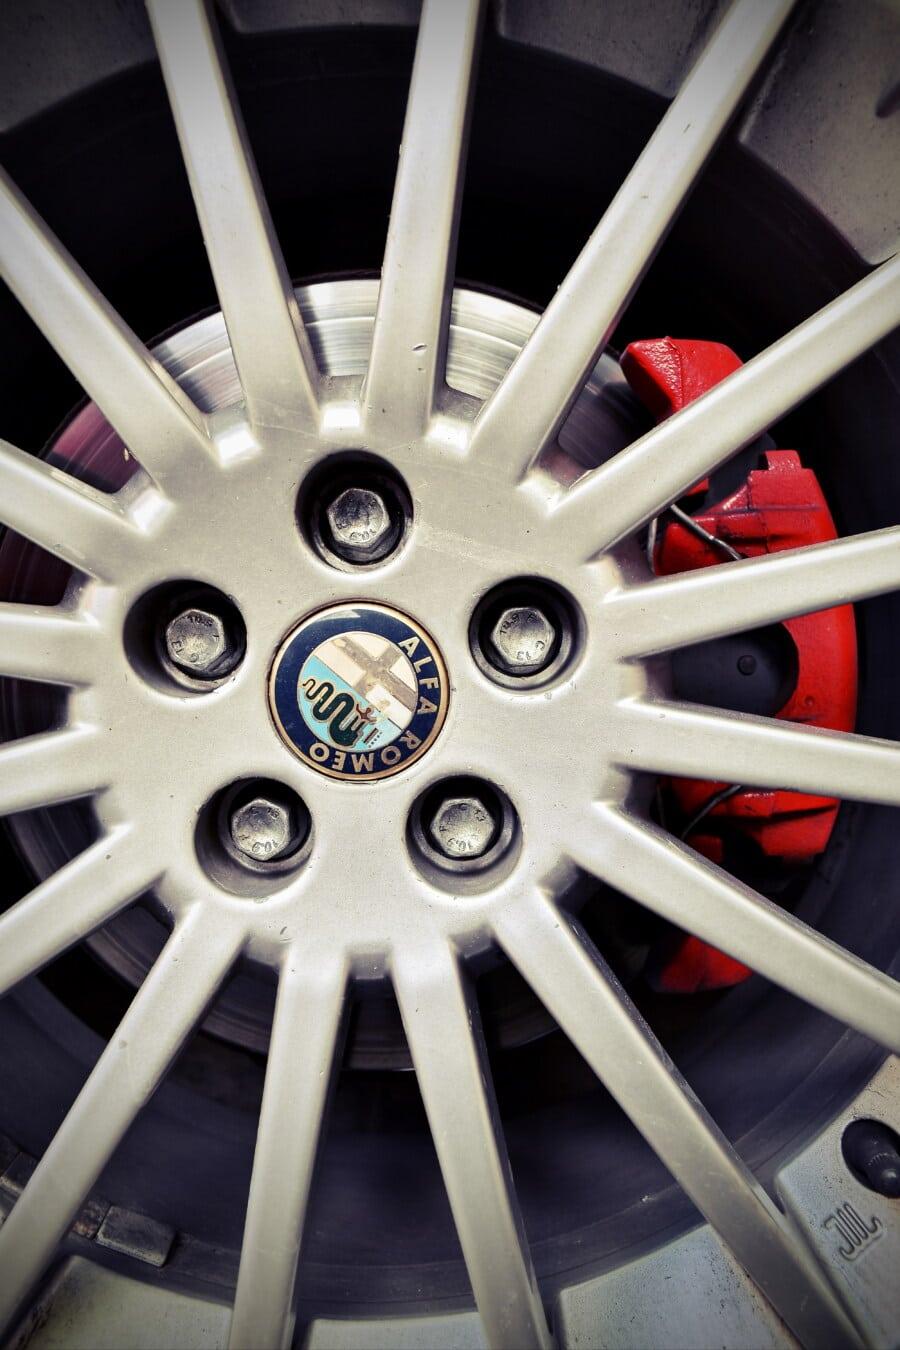 Alfa Romeo, Felge, aus nächster Nähe, Aluminium, Sport Auto, Rad, Gerät, Maschine, Stahl, Maschinen